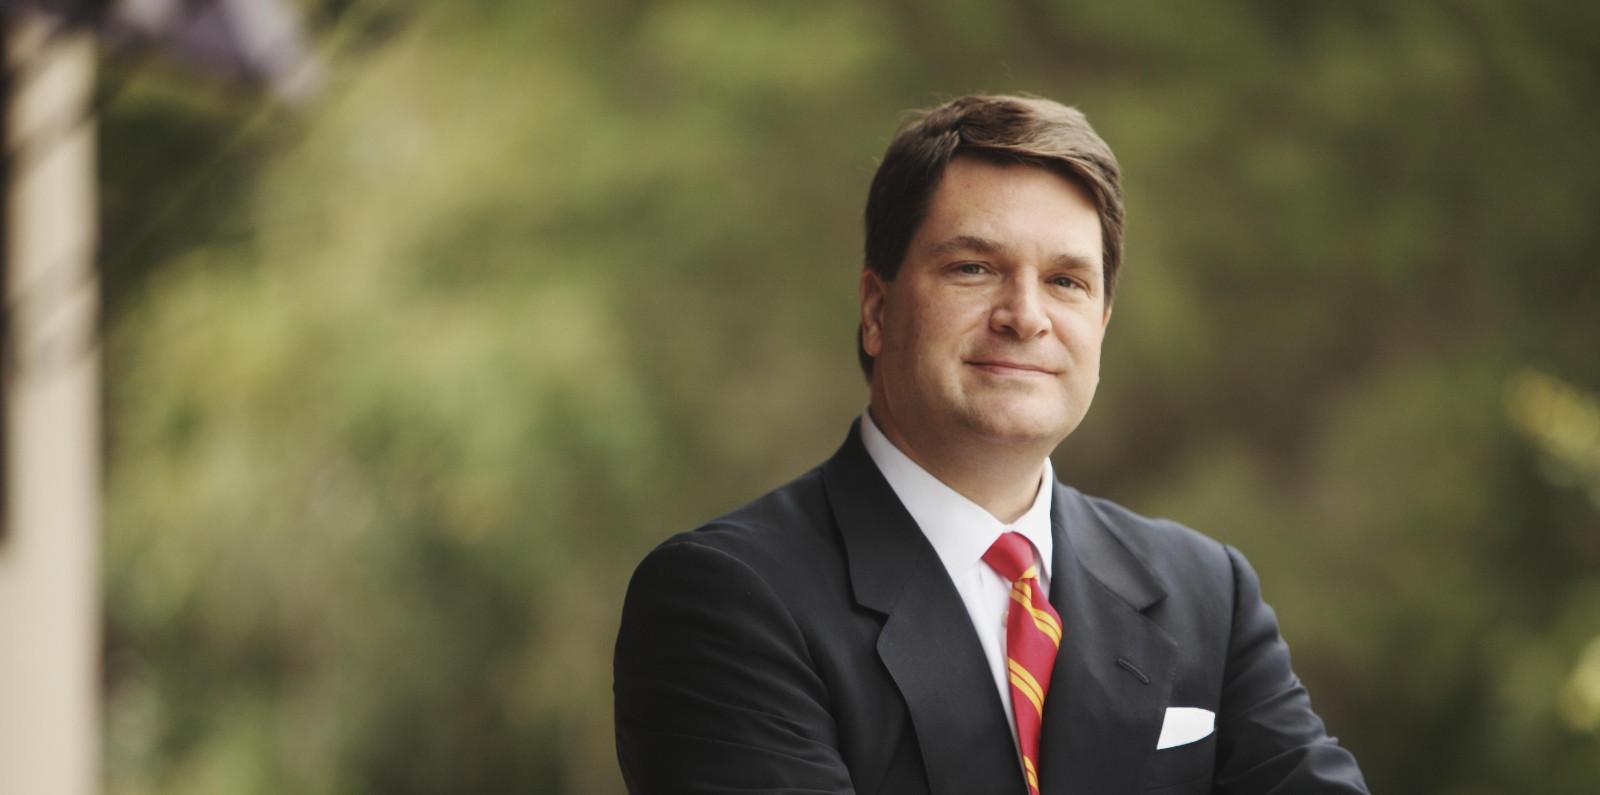 Representative Max Hyde